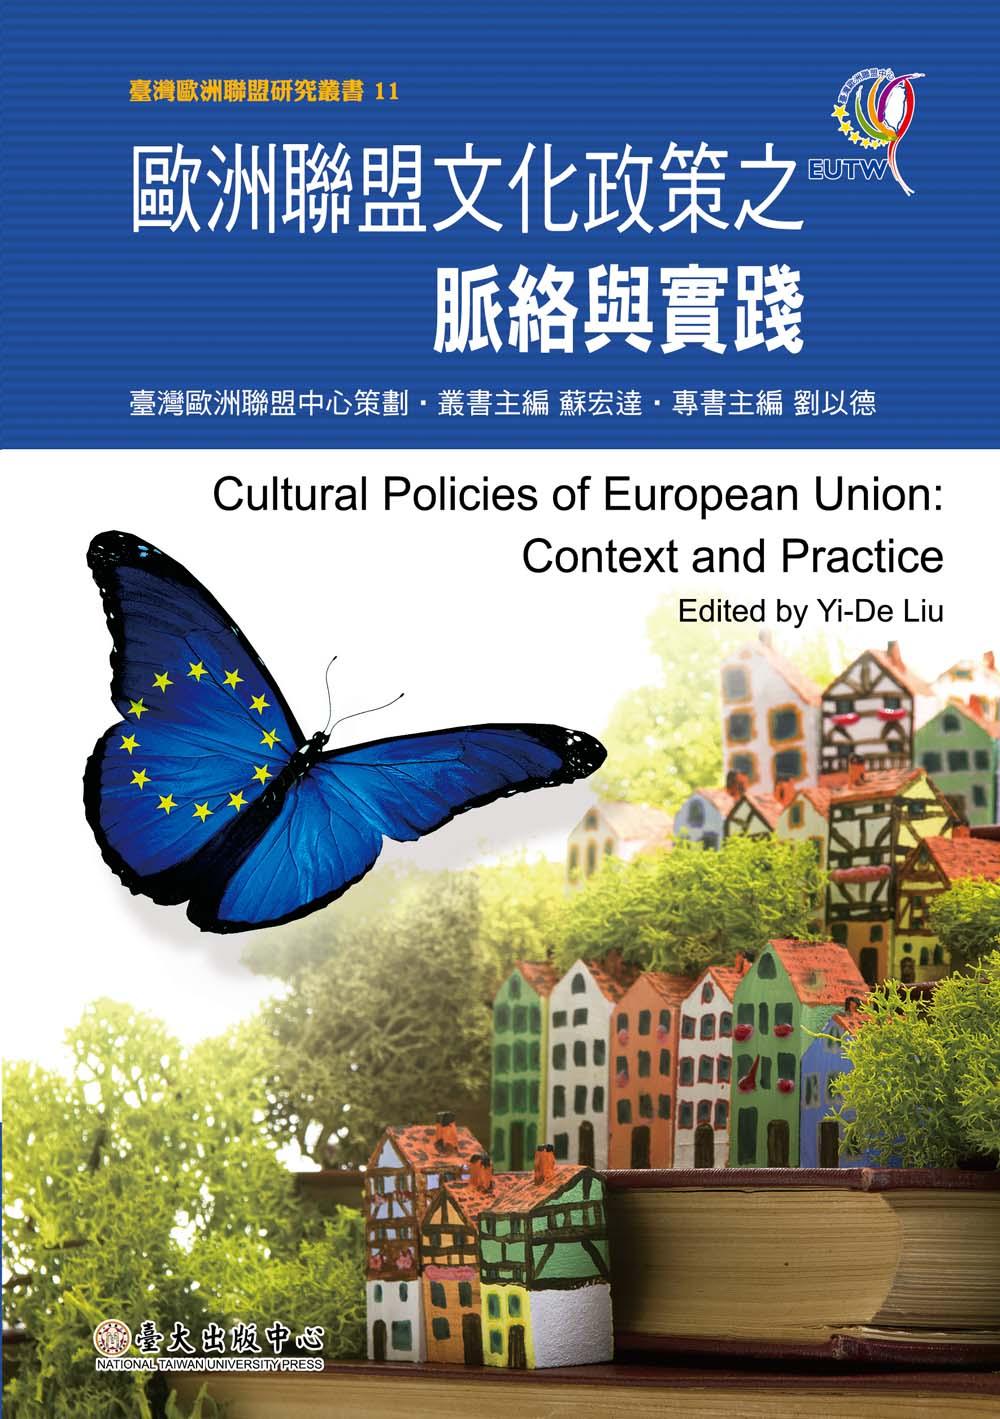 歐洲聯盟文化政策之脈絡與實踐